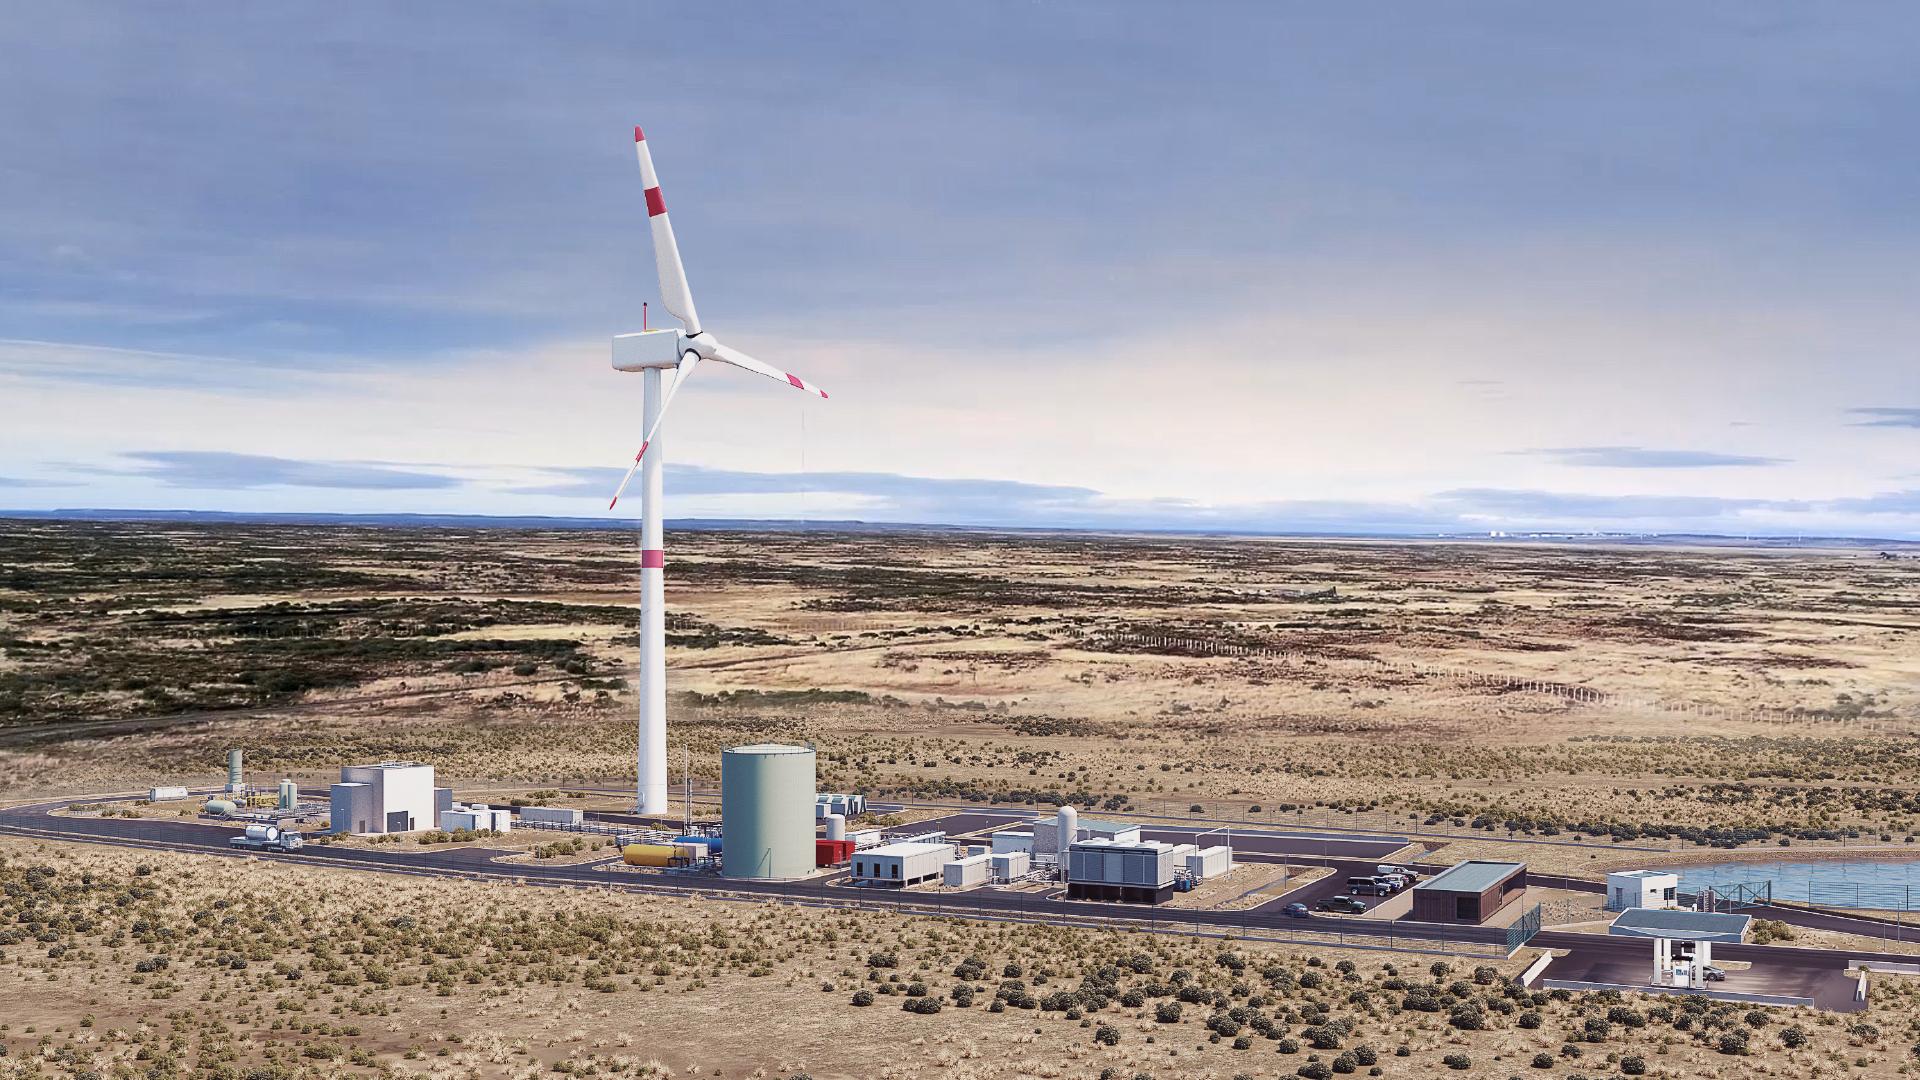 Porsche e Siemens costruiscono un impianto per la produzione di e-fuel in Cile